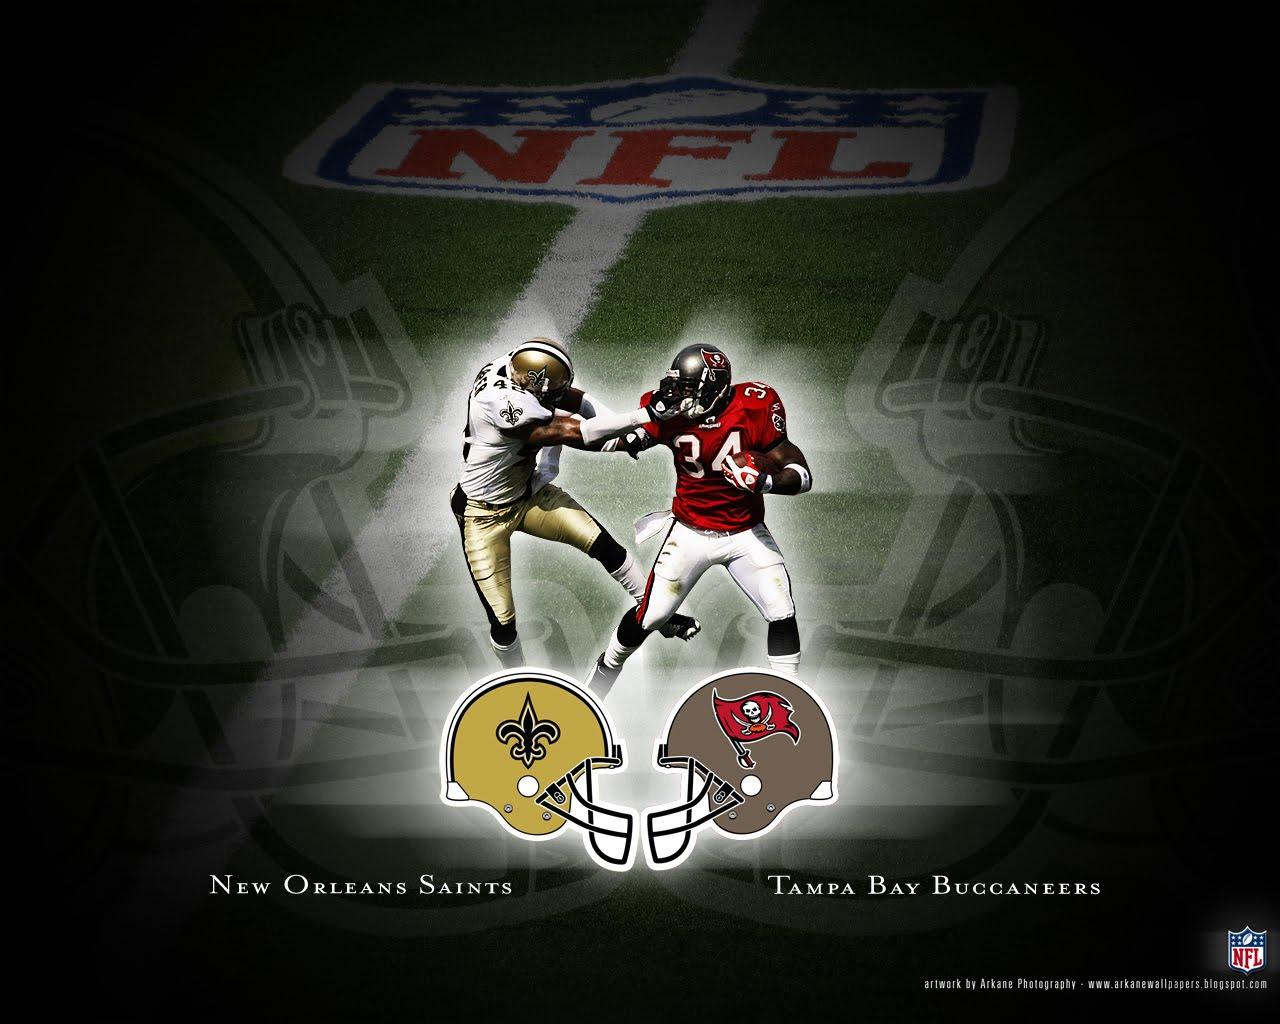 http://1.bp.blogspot.com/_JuYYGgmnUQU/Swv8lAT7USI/AAAAAAAAAmI/Rk3anTkPM9o/s1600/Battle11-Saints-Buccaneers.jpeg